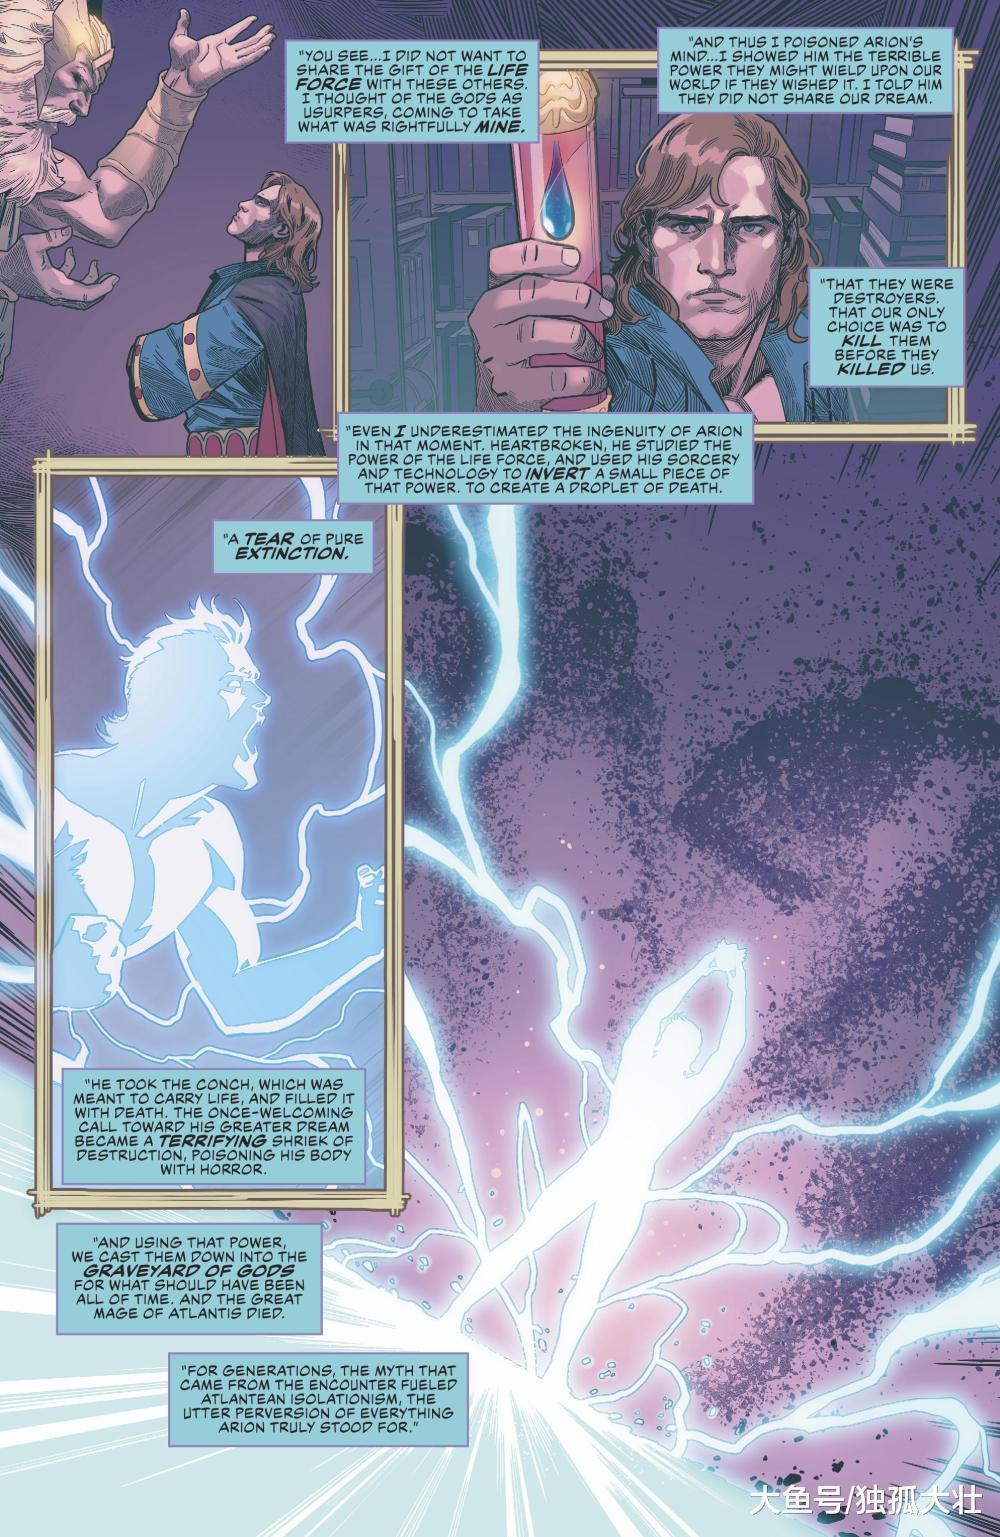 《正义联盟》蝙蝠侠身穿原型装甲, 海神入侵的的原因被彻底揭开!